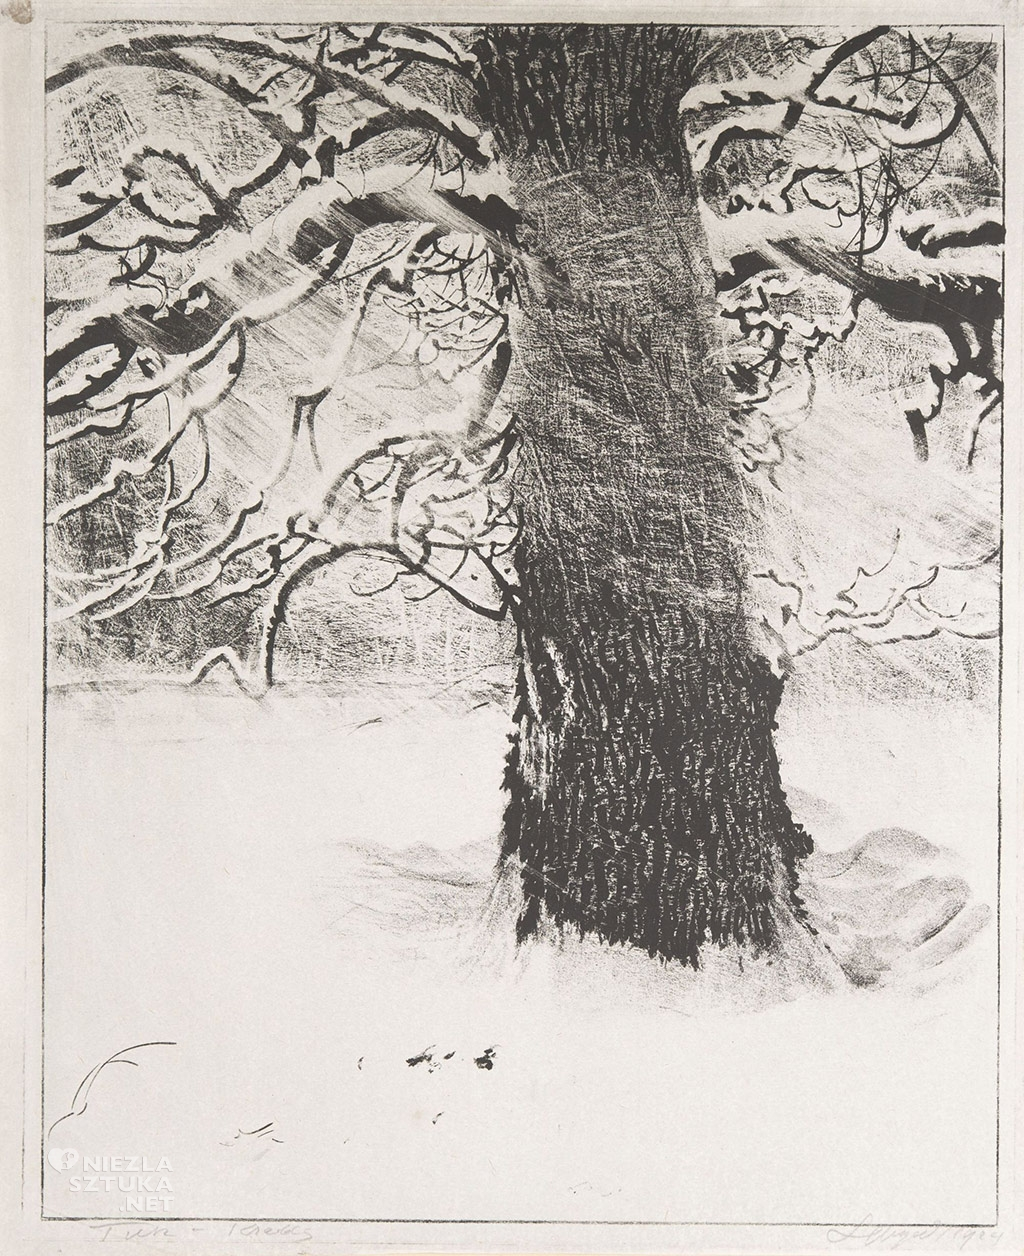 Leon Wyczółkowski, Dąb w śniegu,   1929, litografia, tusz, kreda, ze zbiorów Muzeum Górnośląskiego